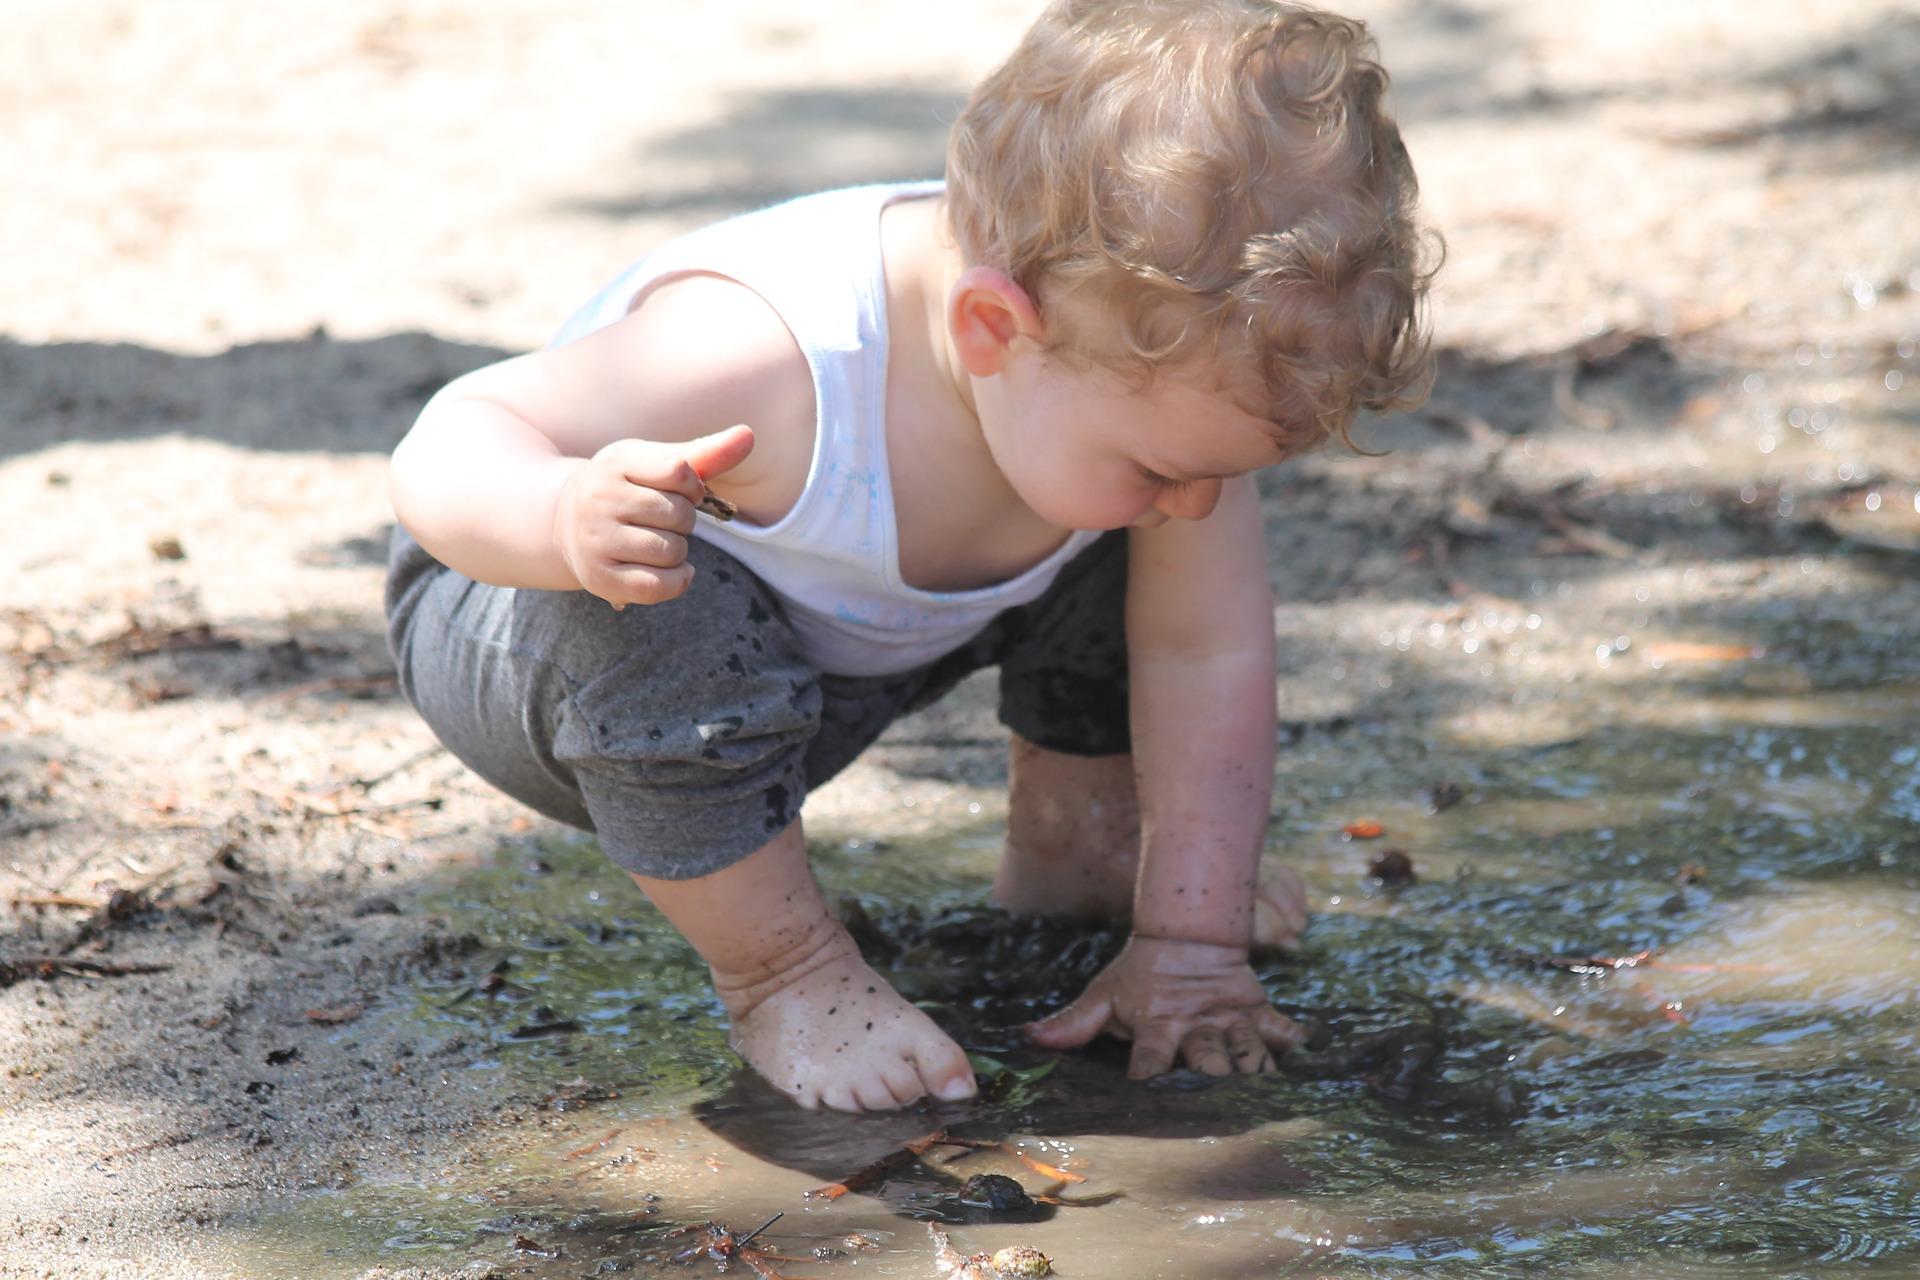 Criança precisa de micróbios, não de antibióticos, para desenvolver a imunidade – dizem os cientistas